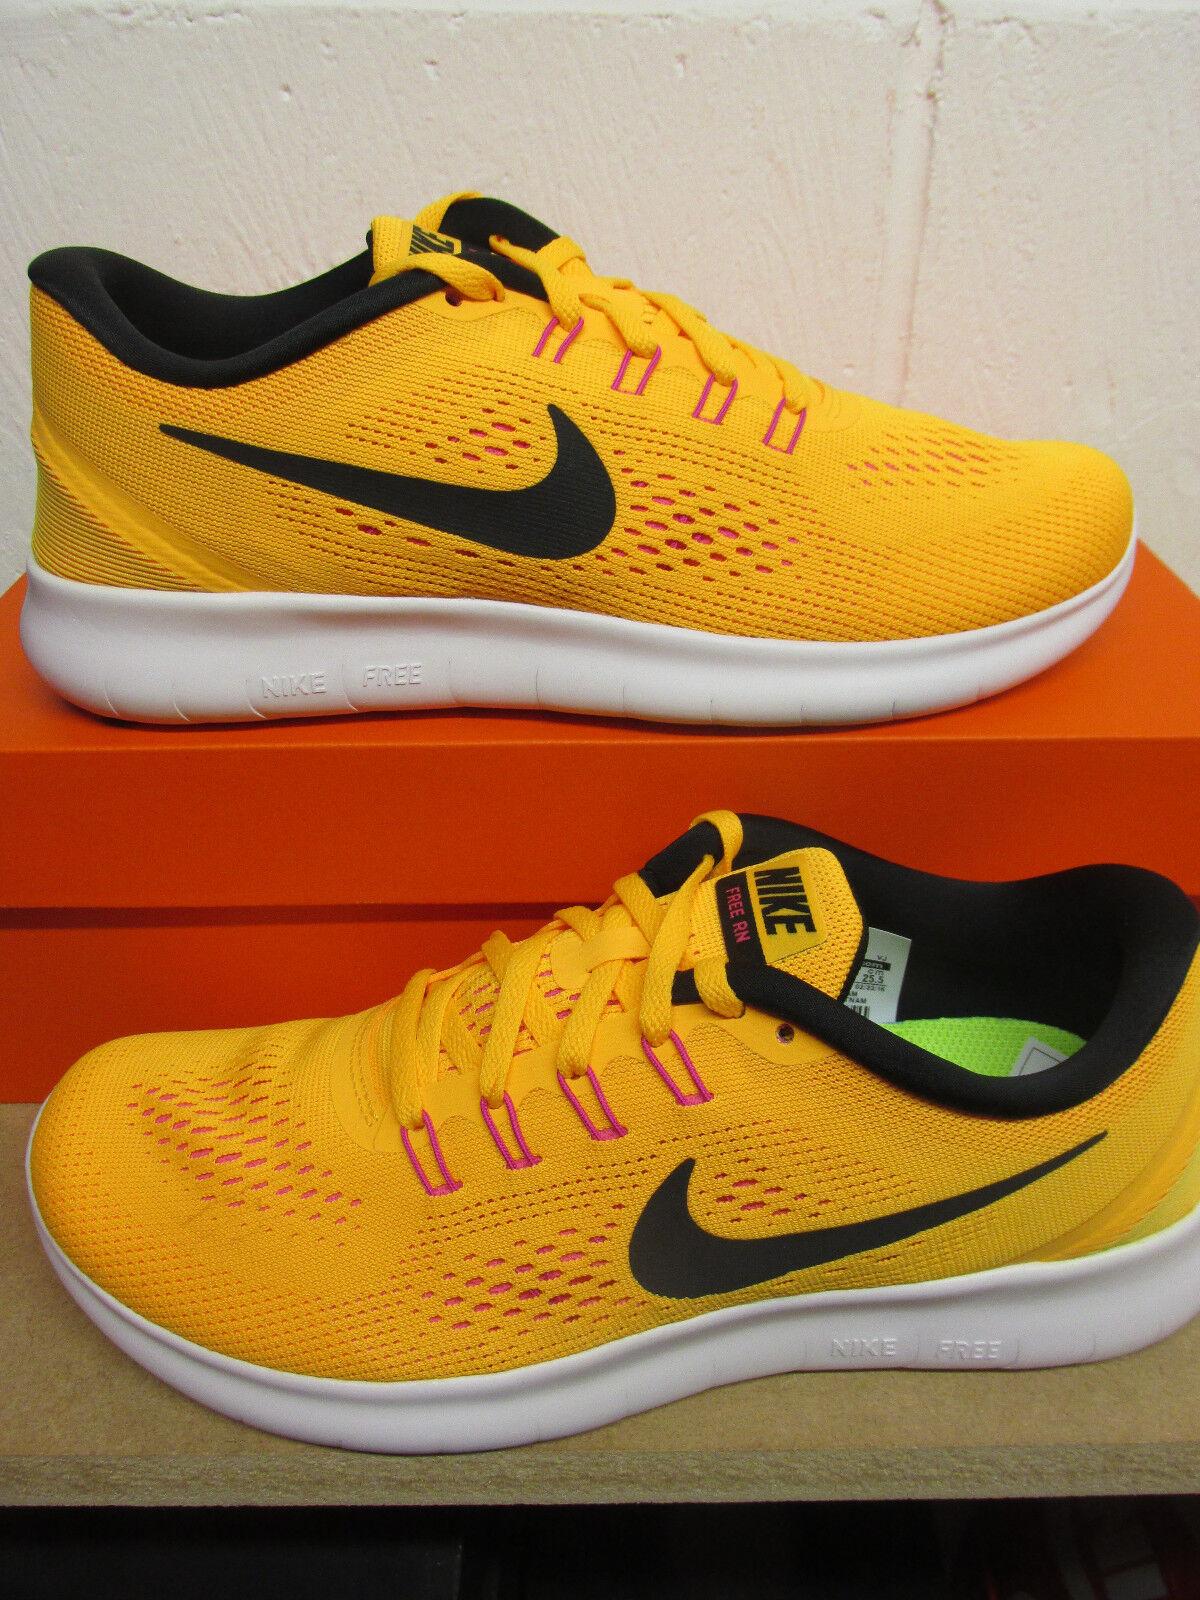 Nike Da Donna Libera RN in esecuzione Scarpe Scarpe Scarpe da ginnastica 831509 800 Scarpe Da Ginnastica Scarpe 58f54c